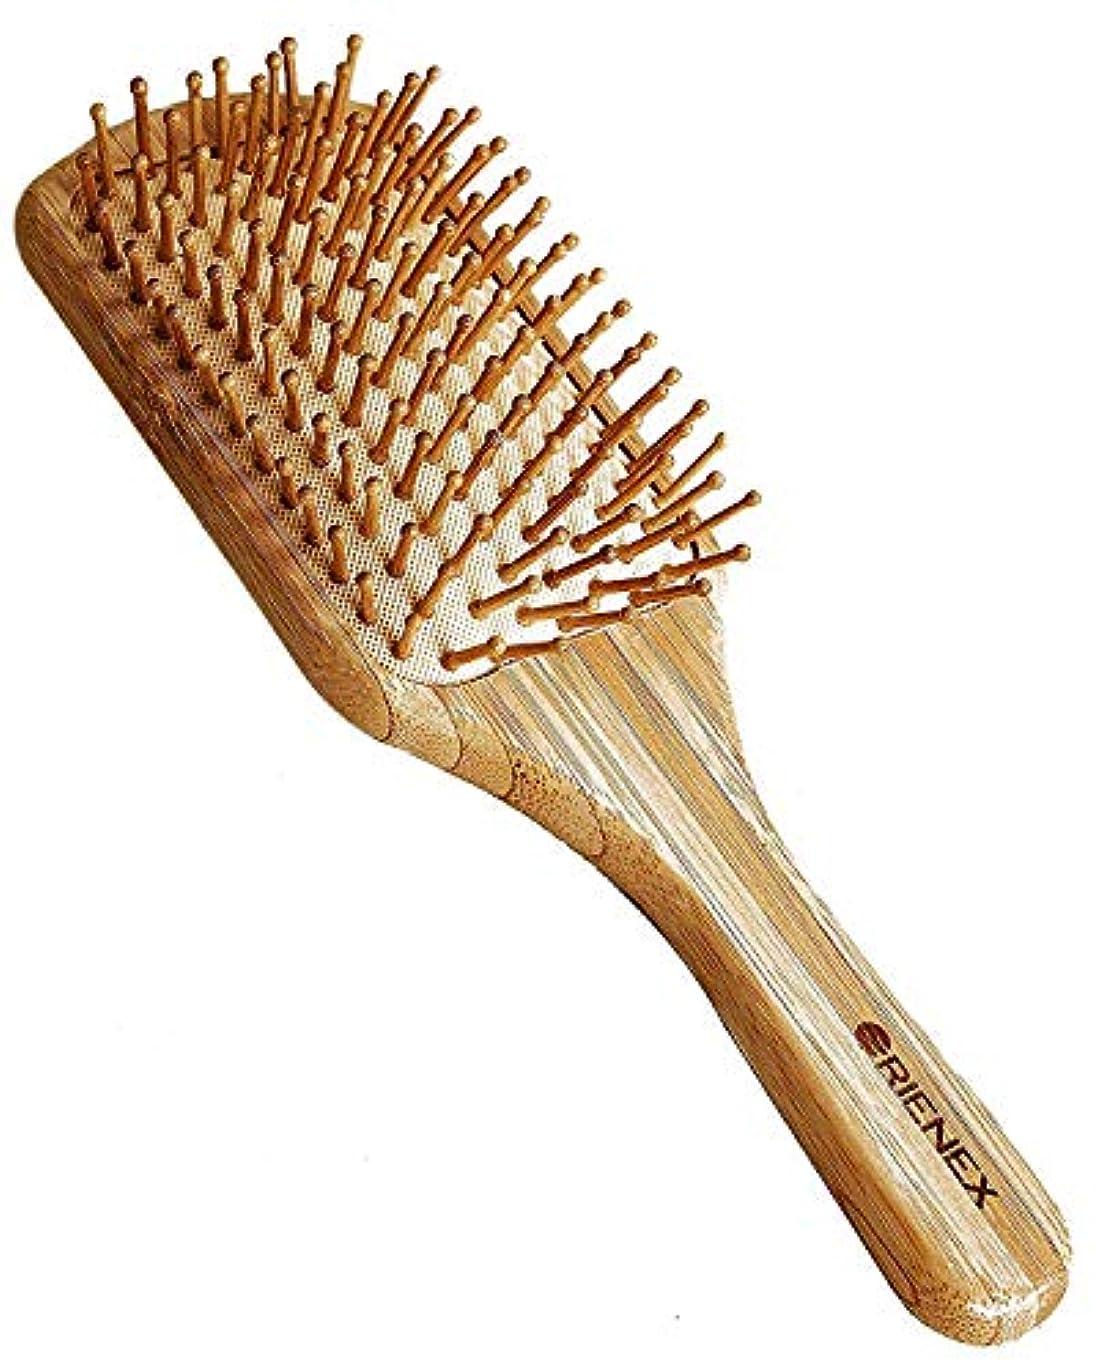 ファイバおしゃれな成り立つOrienex ヘアブラシ 木製櫛 美髪ケア 頭皮&肩&顔マッサージ(大)